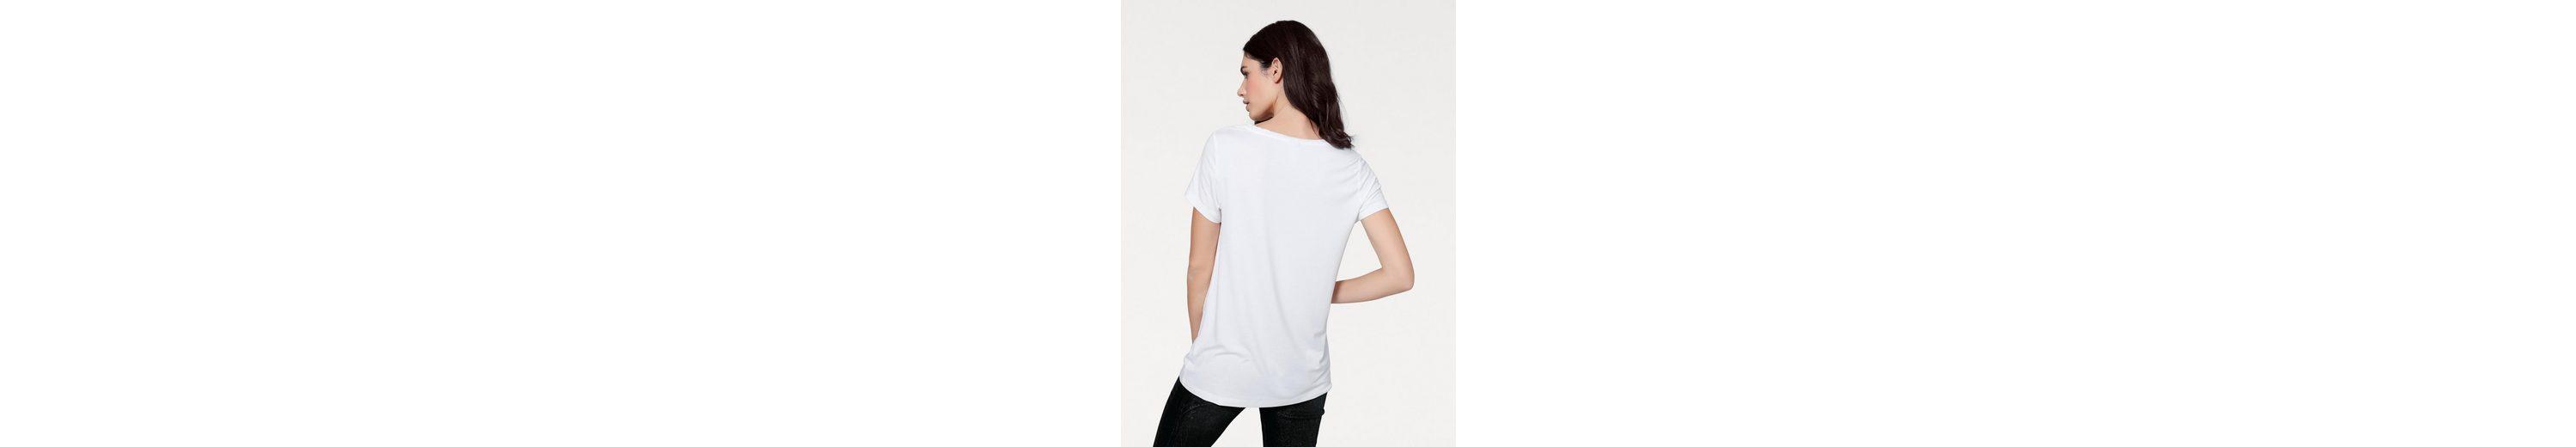 Low-Cost Verkauf Online RICK CARDONA by Heine Shirt mit aufgesetzter Brusttasche Rabatt Footlocker Bilder Verkauf Sehr Billig Steckdose Neu UN58XX3Ez